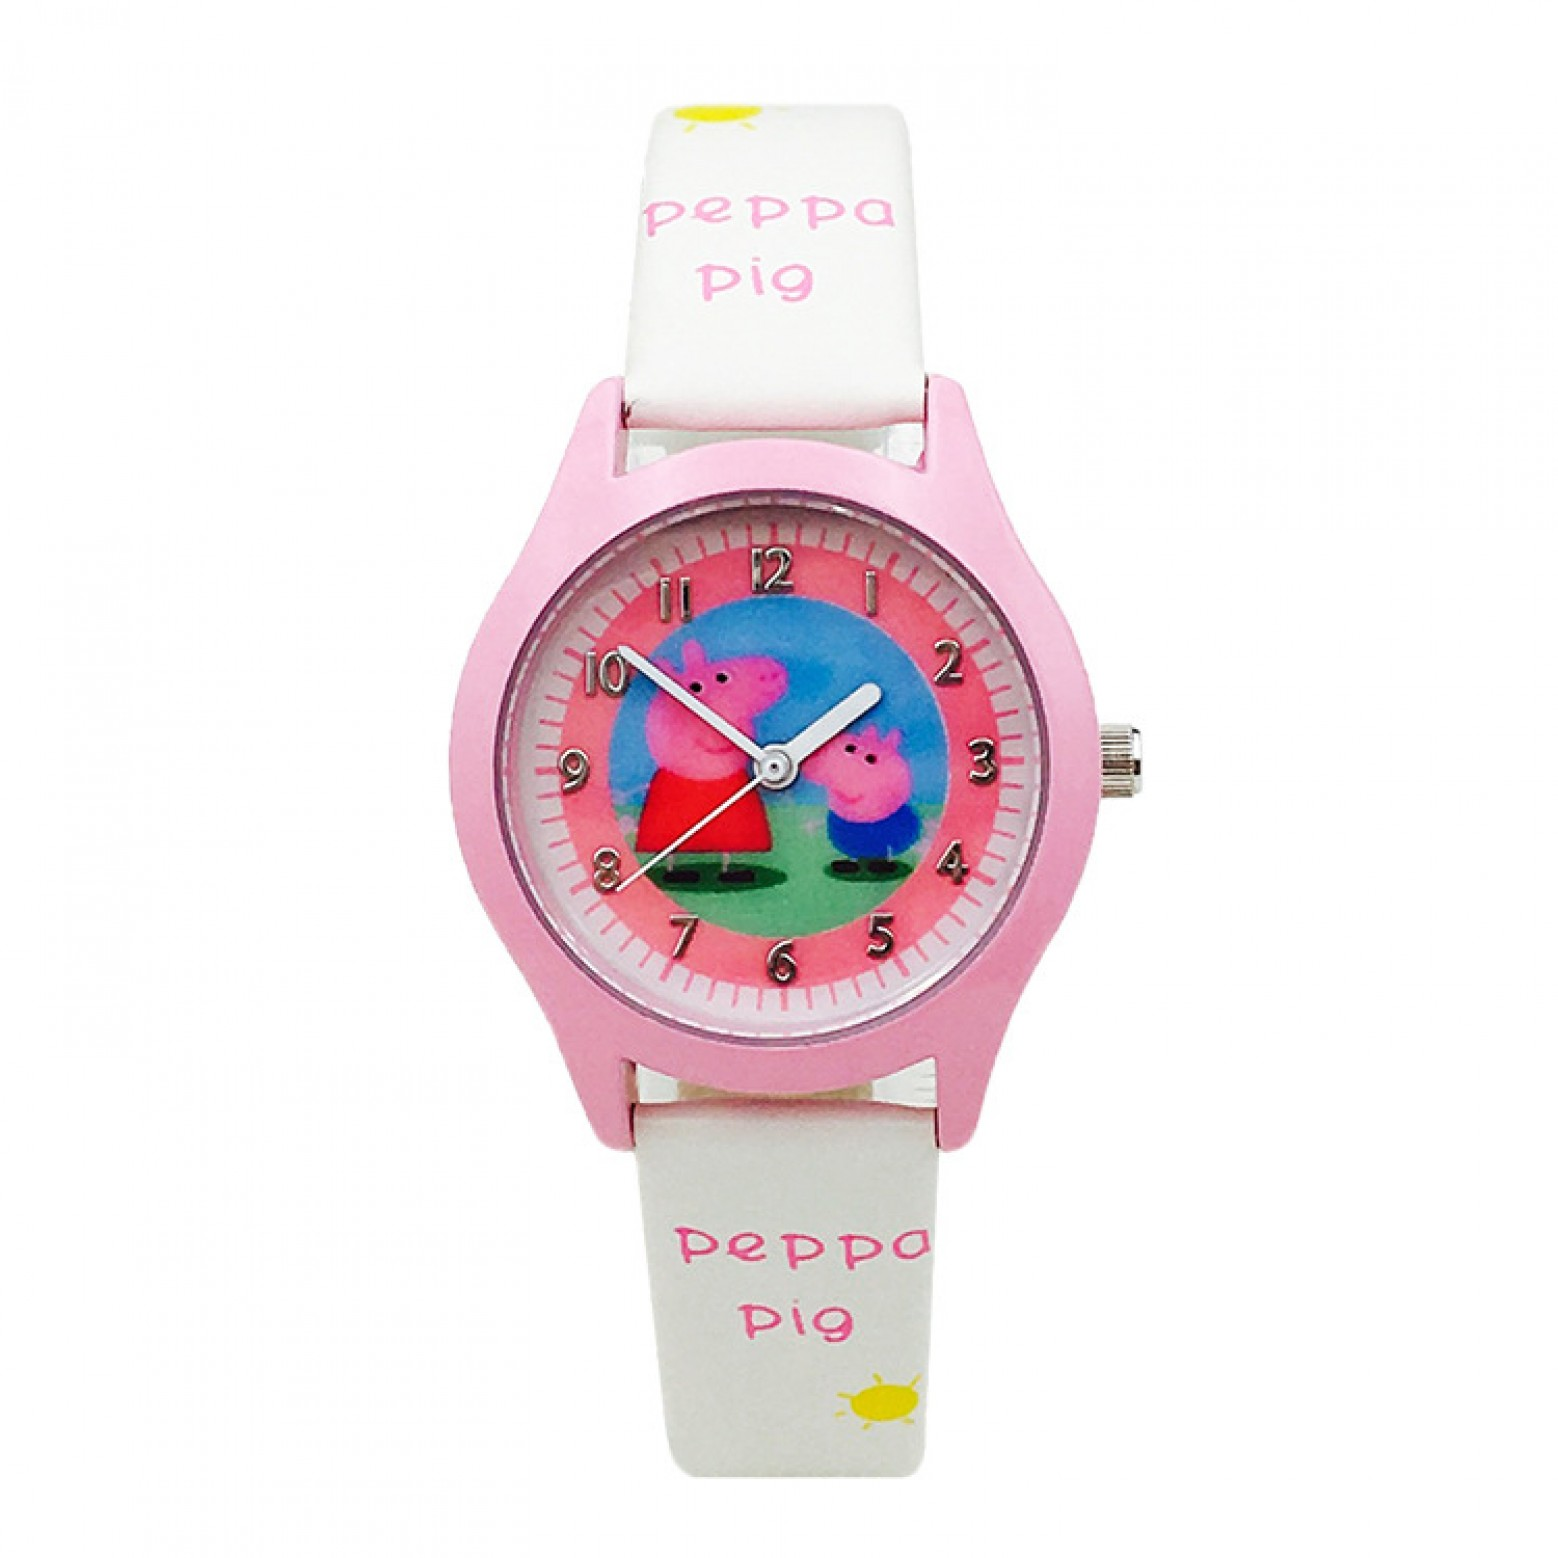 Peppa pig horloge wit